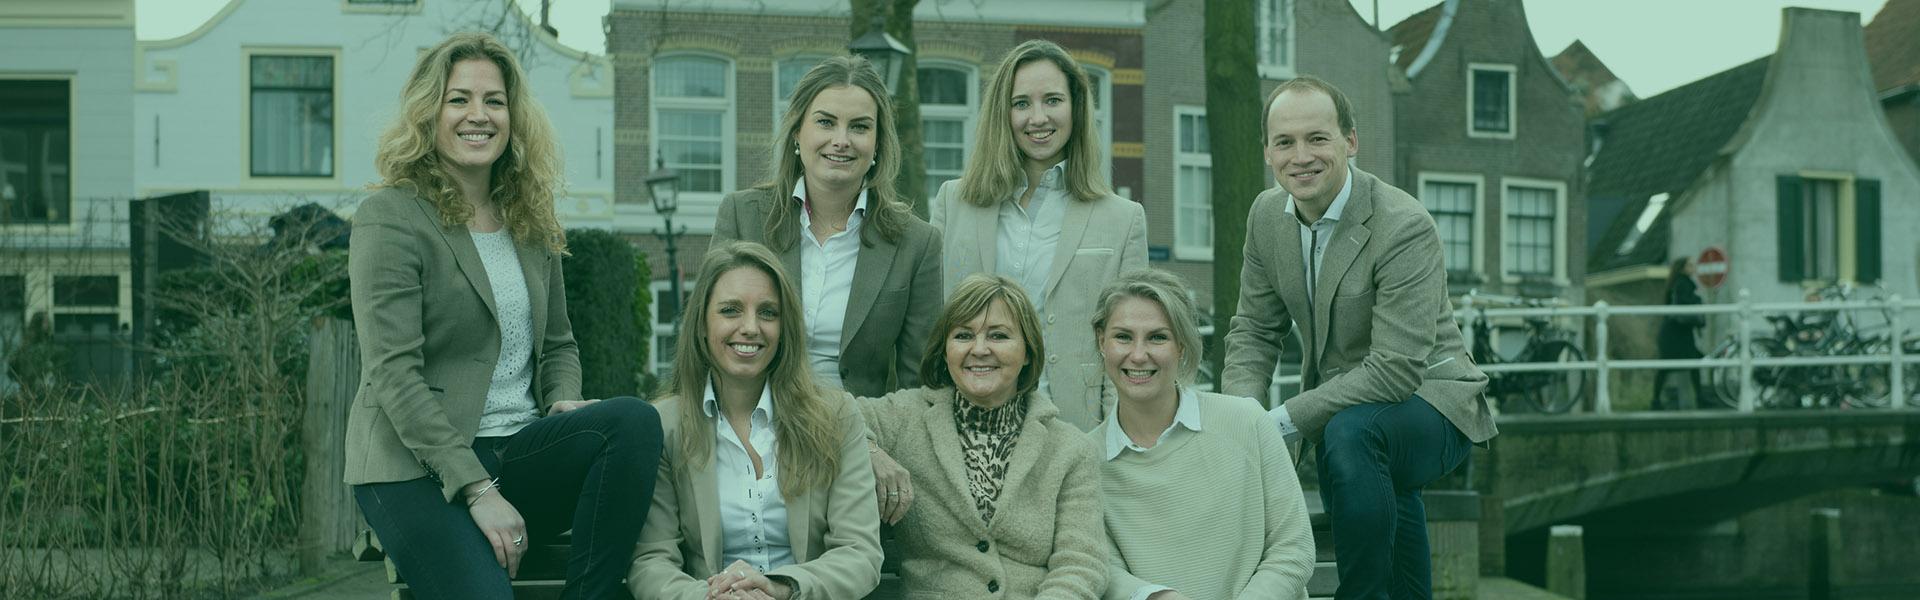 Teamfoto-Overspaern-Makelaardij-aankoopmakelaars-Haarlem-en-omgeving-verkoop-makelaardij-Haarlem-huis-verkopen-4